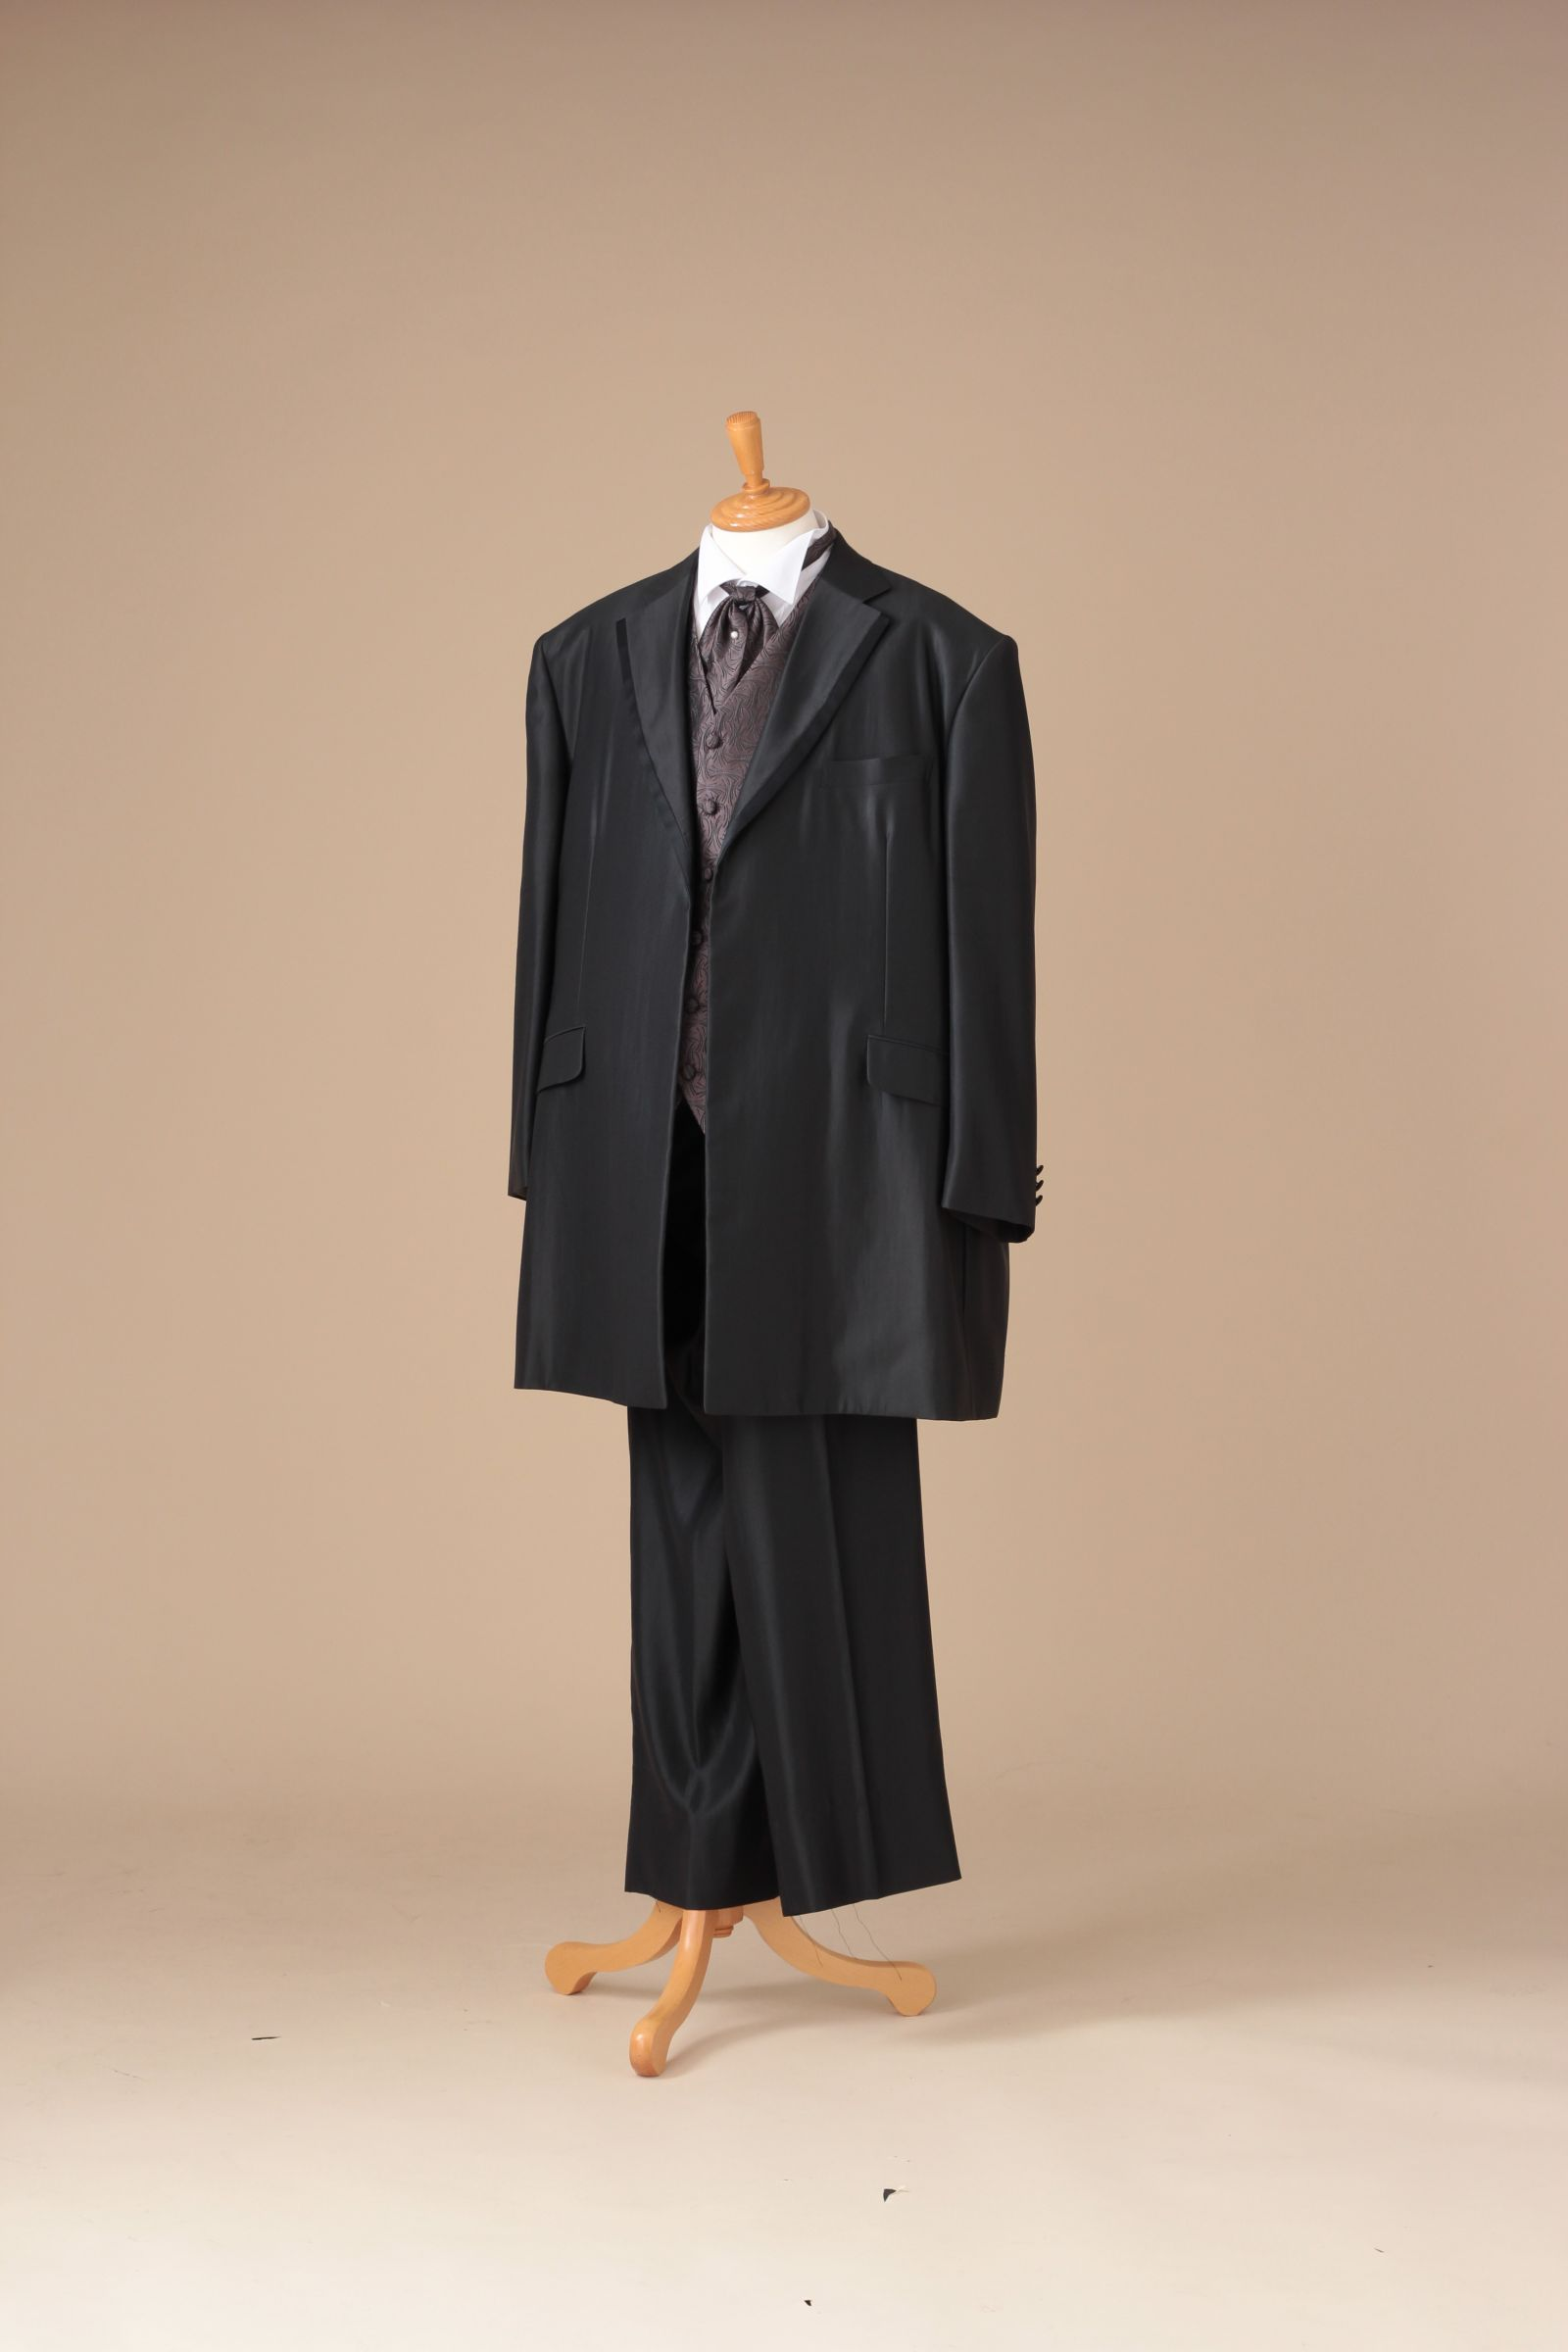 姫路店 男性衣装 T013 4L以上